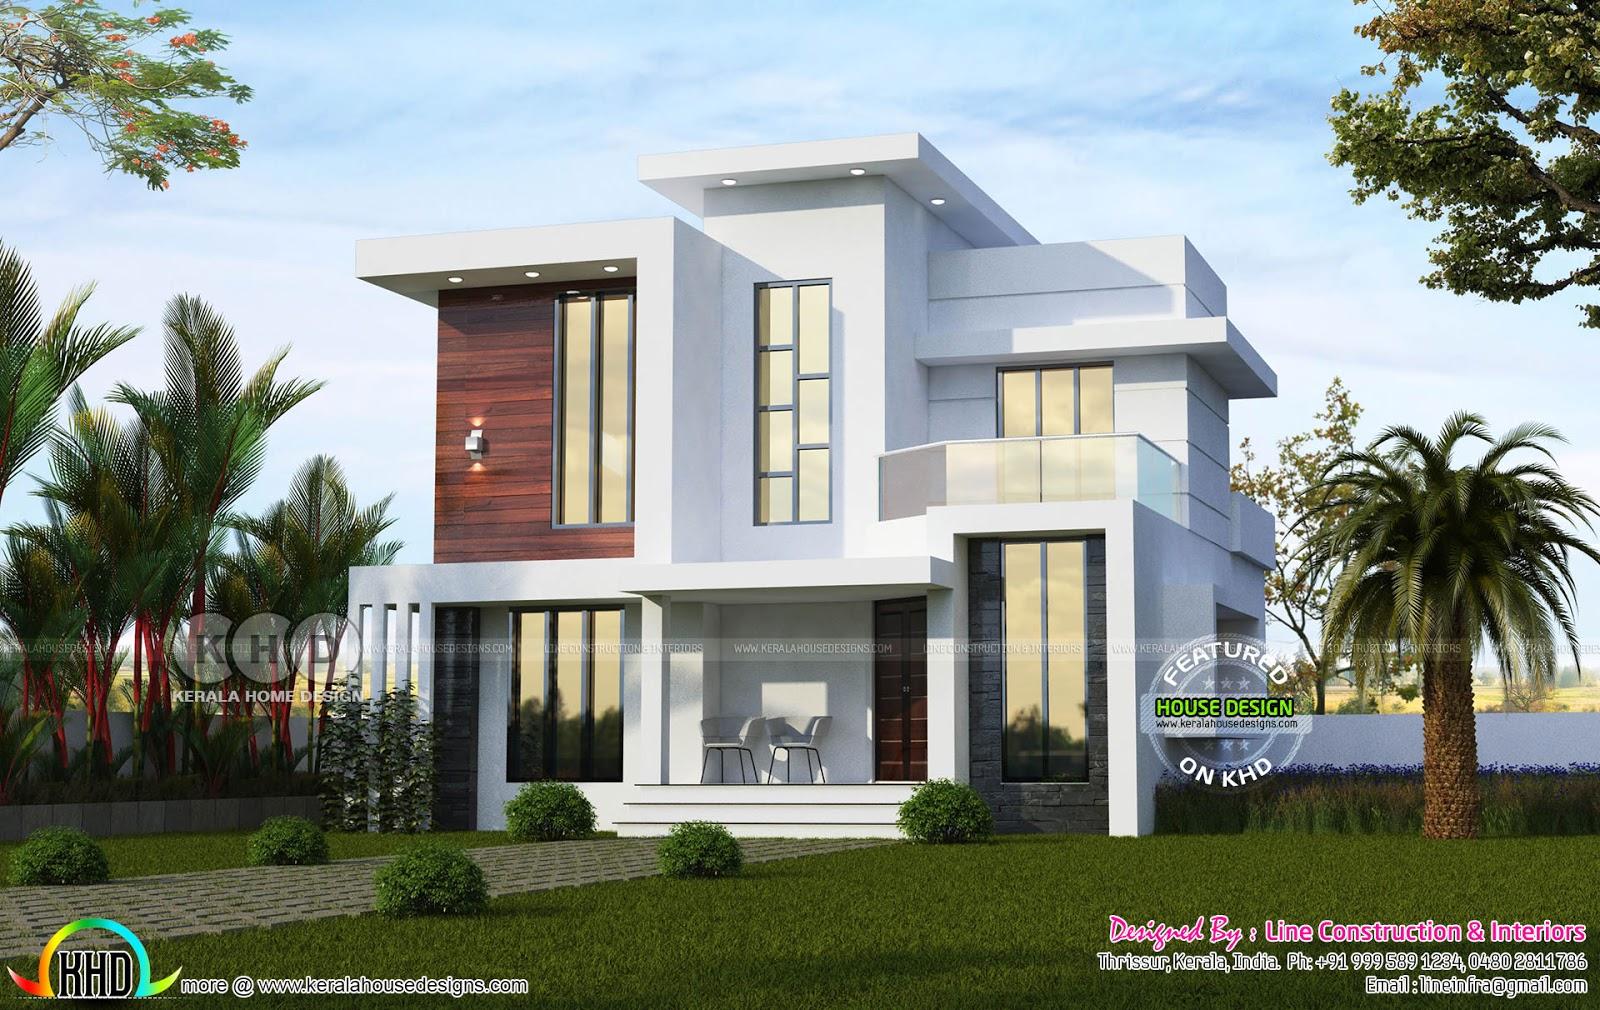 2018 kerala home design and floor plans. Black Bedroom Furniture Sets. Home Design Ideas